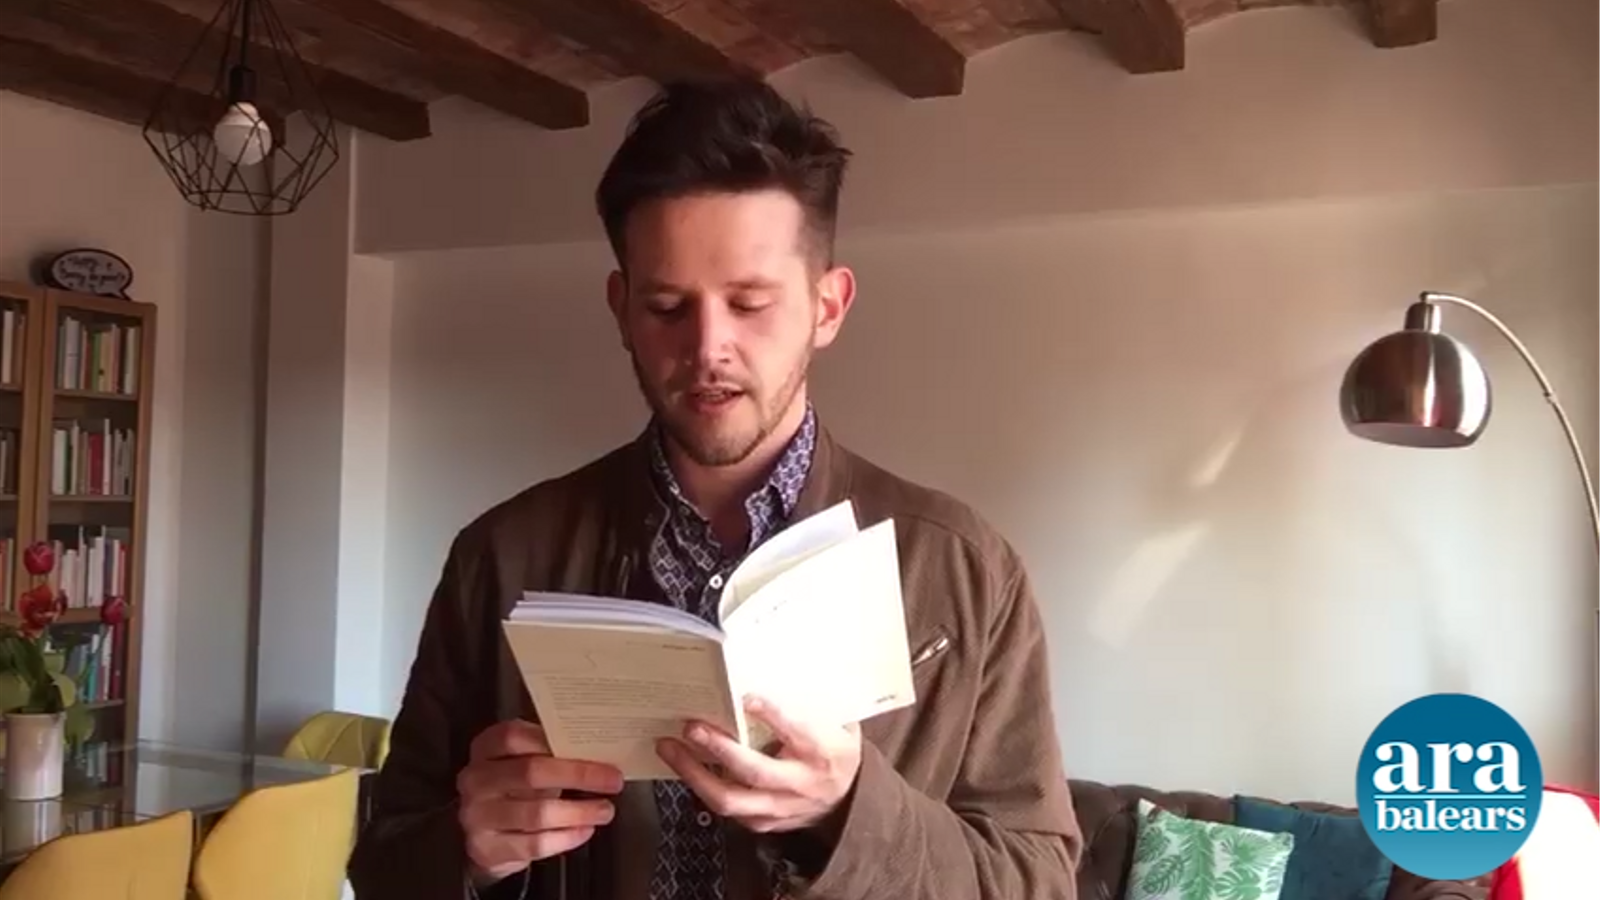 'Pòrtic' de la poeta Antonia Vicens, llegit per Sebastià Portell